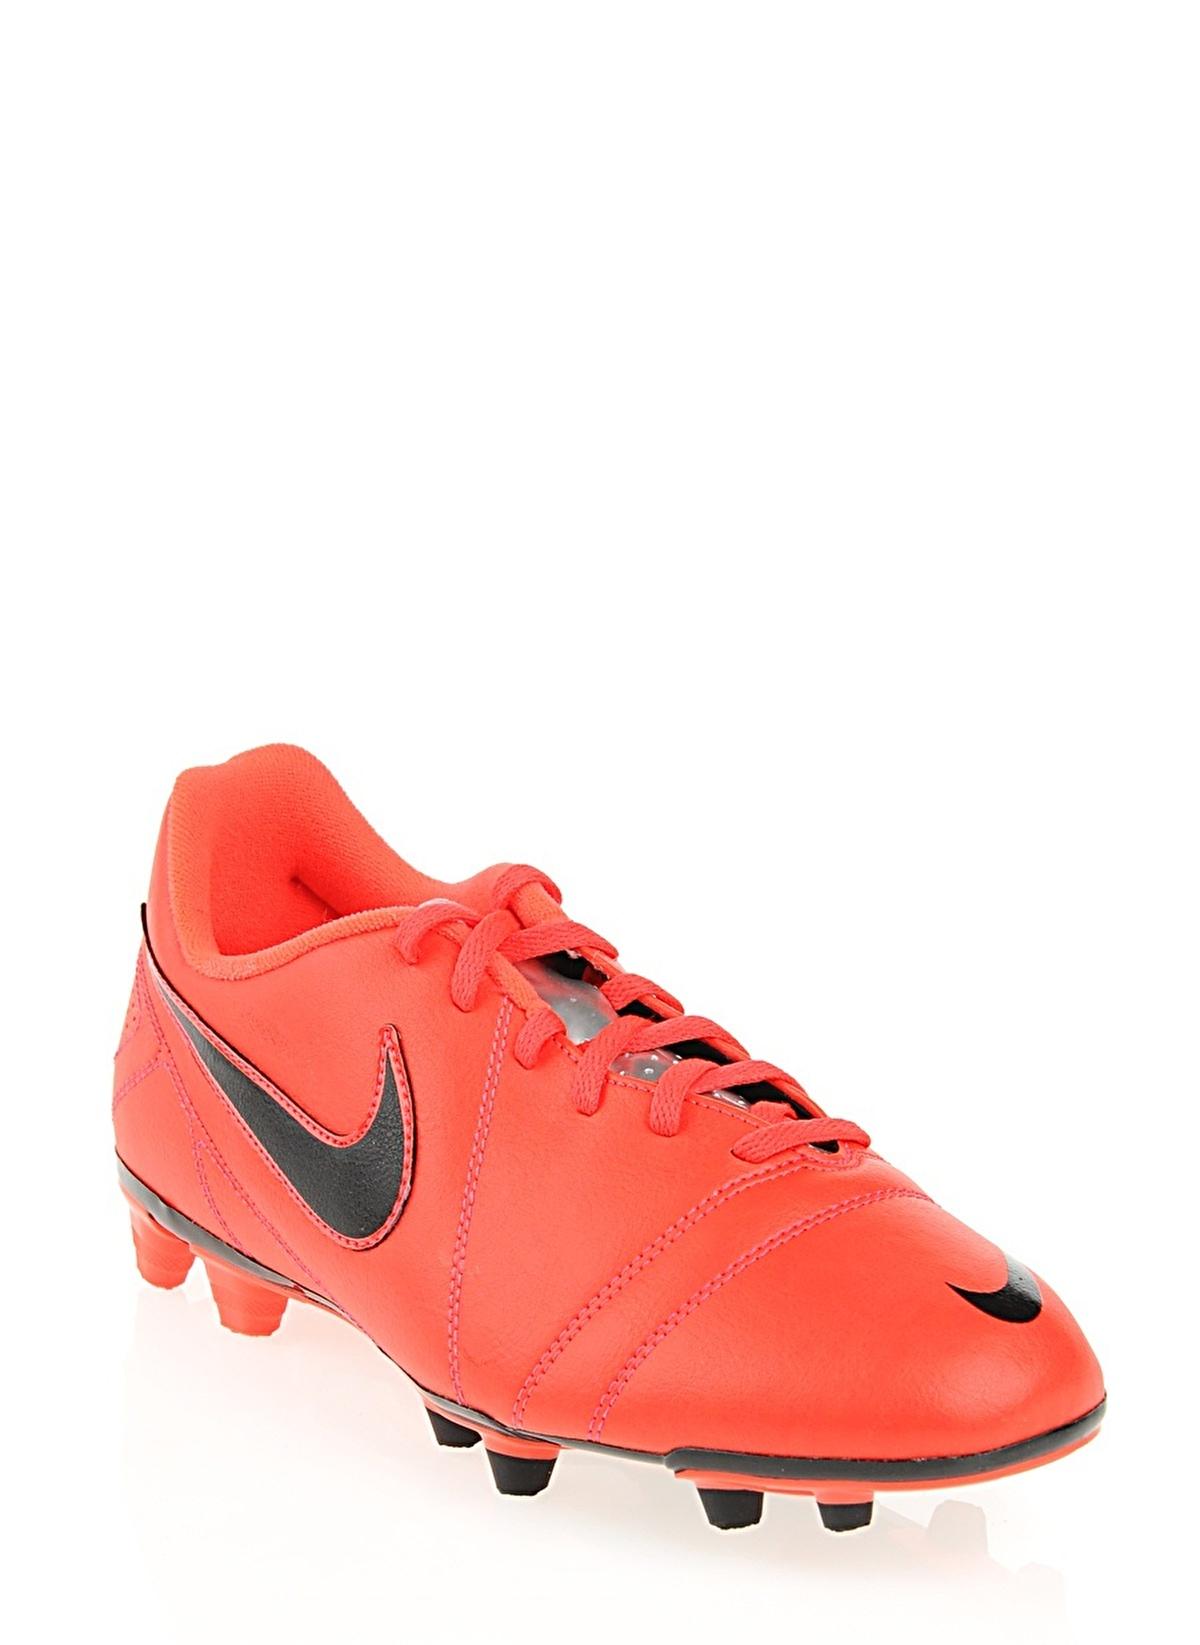 Nike Erkek Ctr 360 Enganche III Fg Bright Crimson Blck-Mtllc Slvr ... 4a57e42990cc8